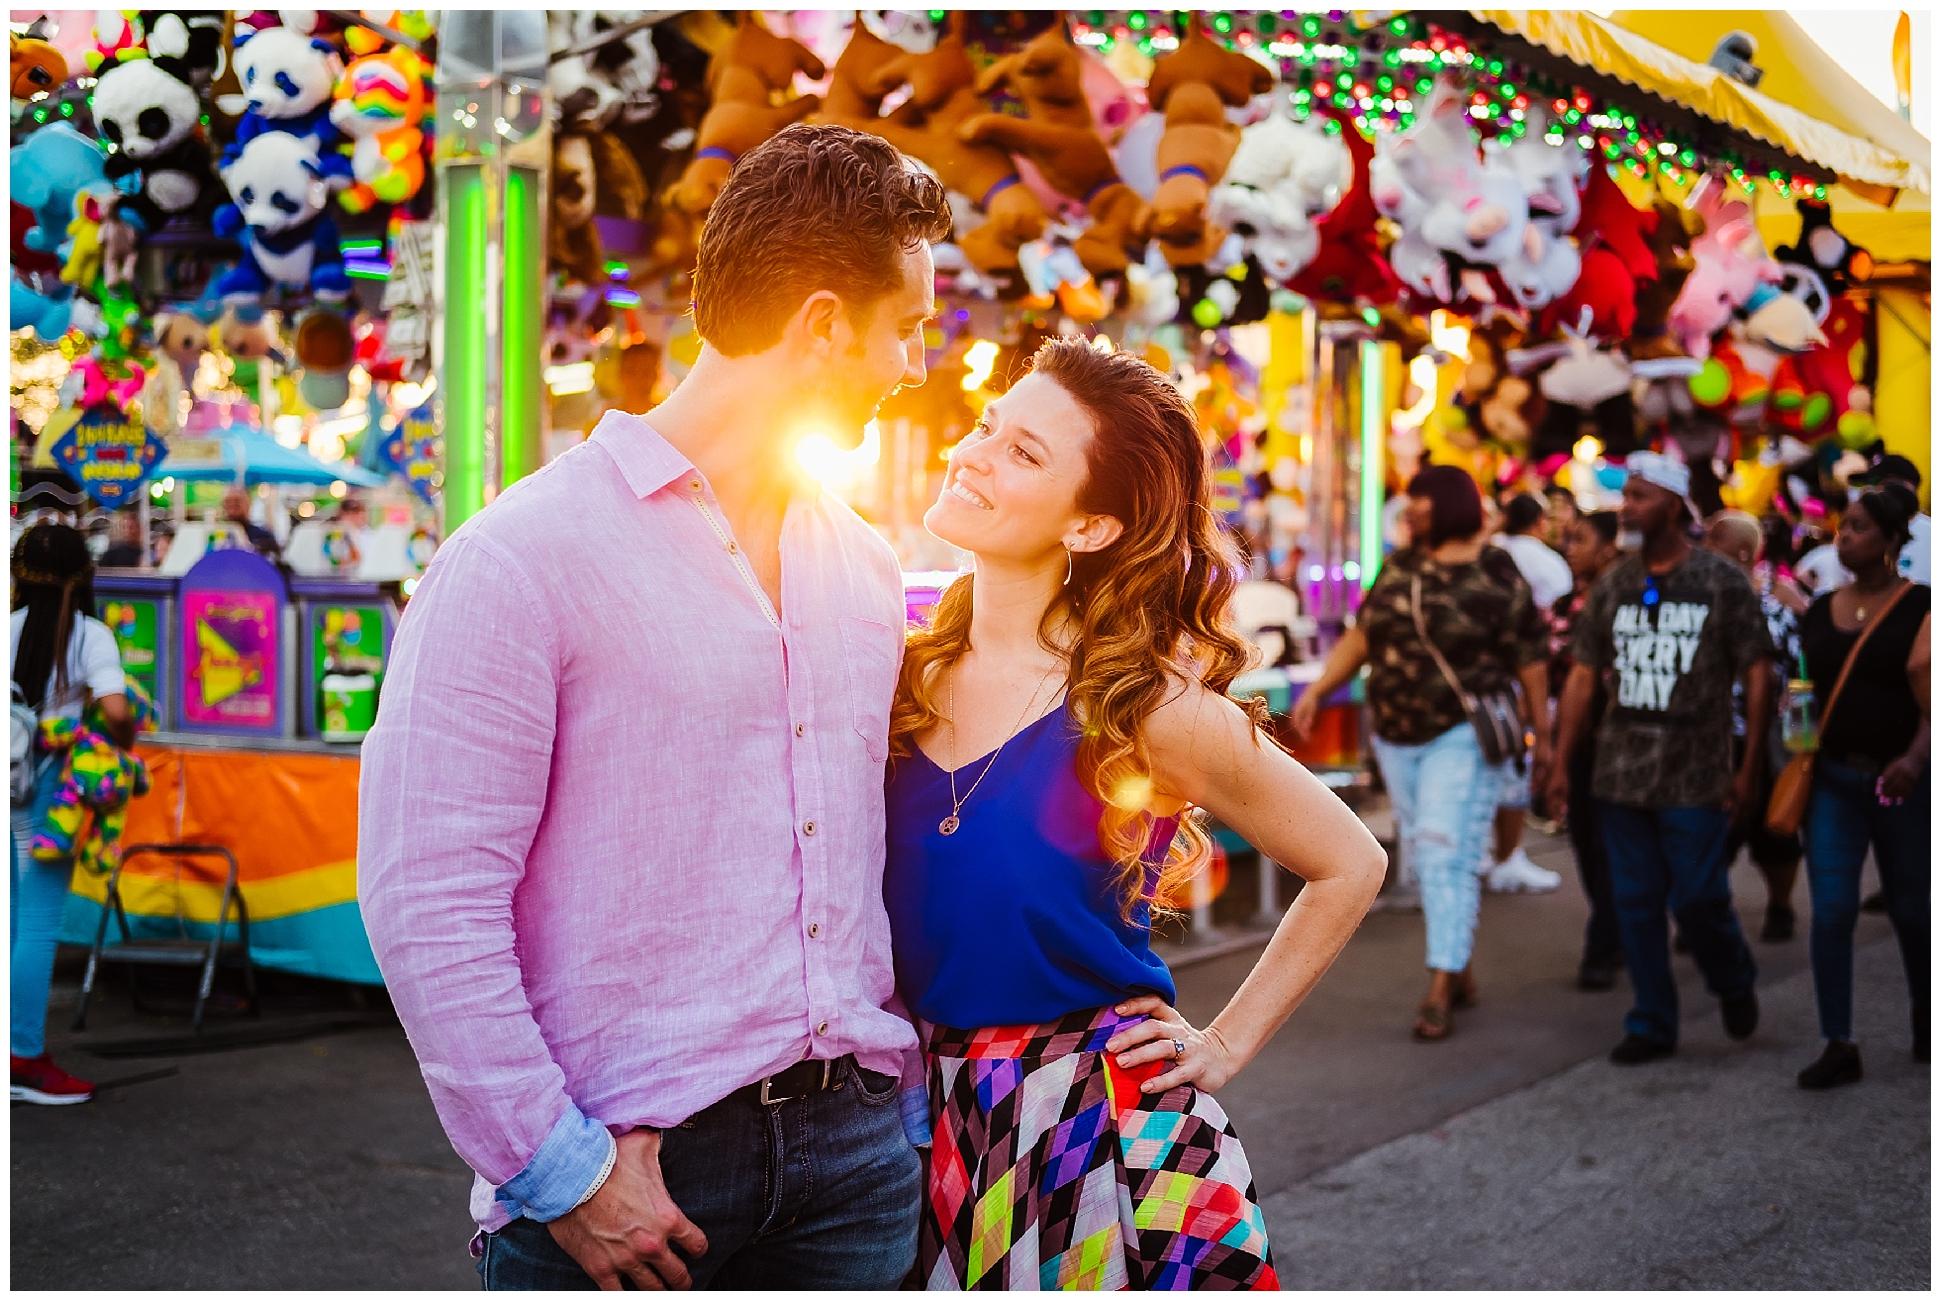 Tampa-colorful-fair-amusement park-dani family session_0017.jpg